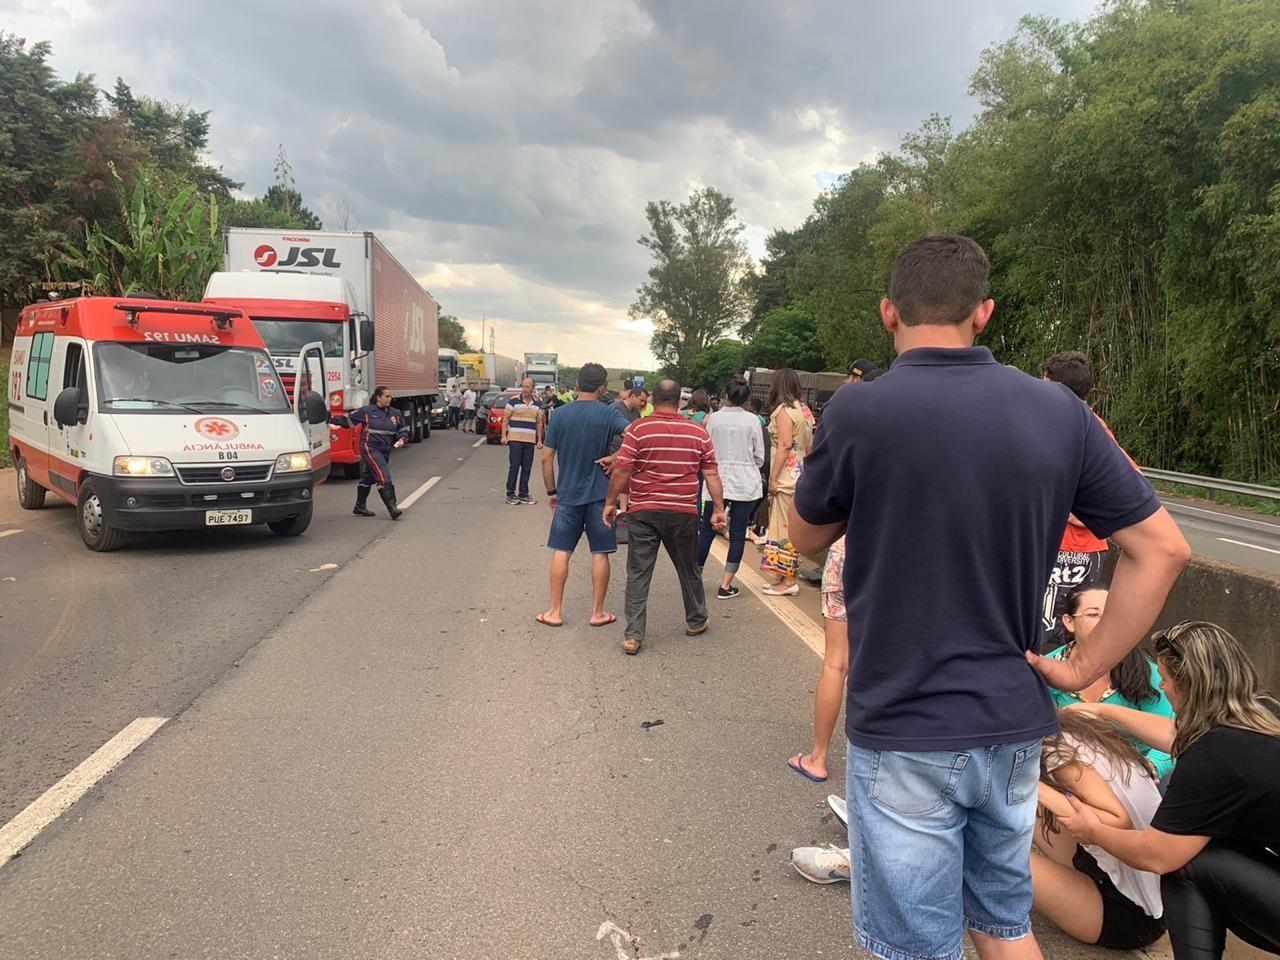 Menina de 10 anos morre em acidente na Rodovia Fernão Dias, em Pouso Alegre, MG - Notícias - Plantão Diário